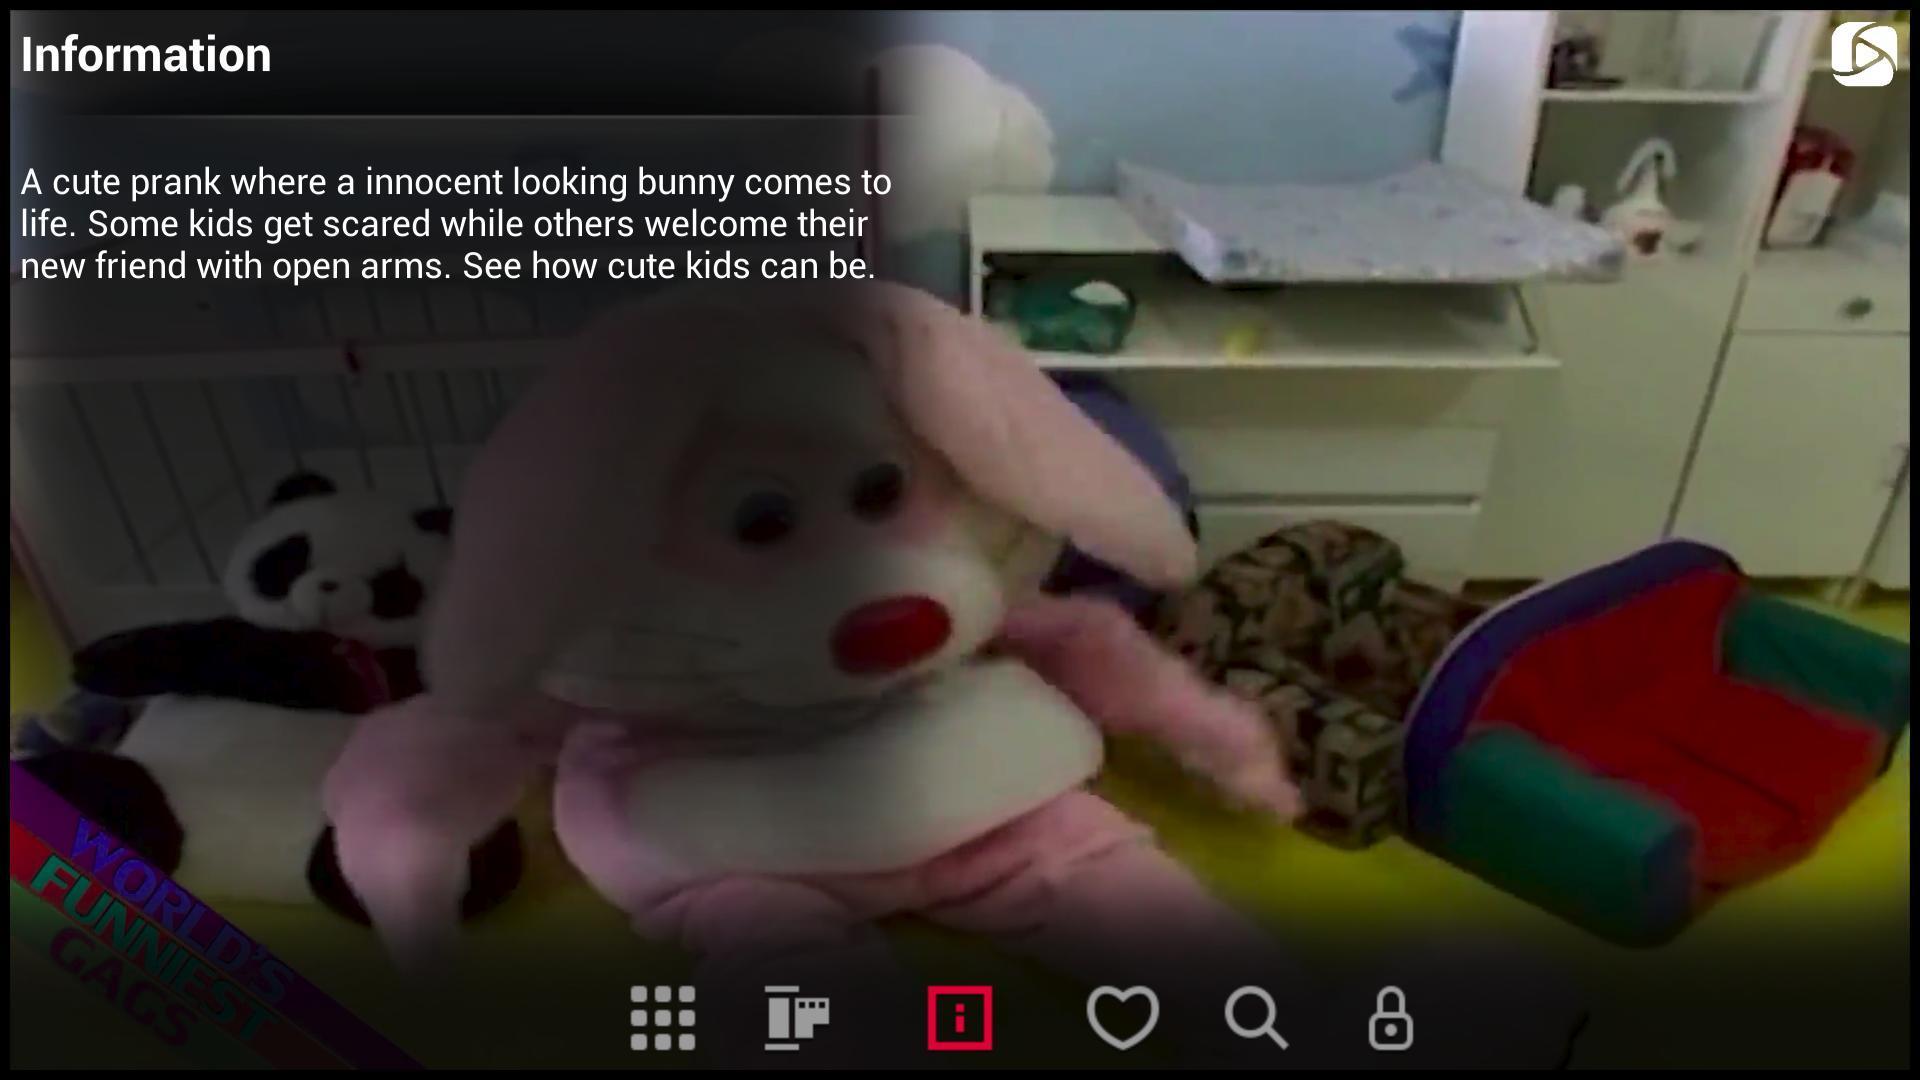 Screenshot of Pranks